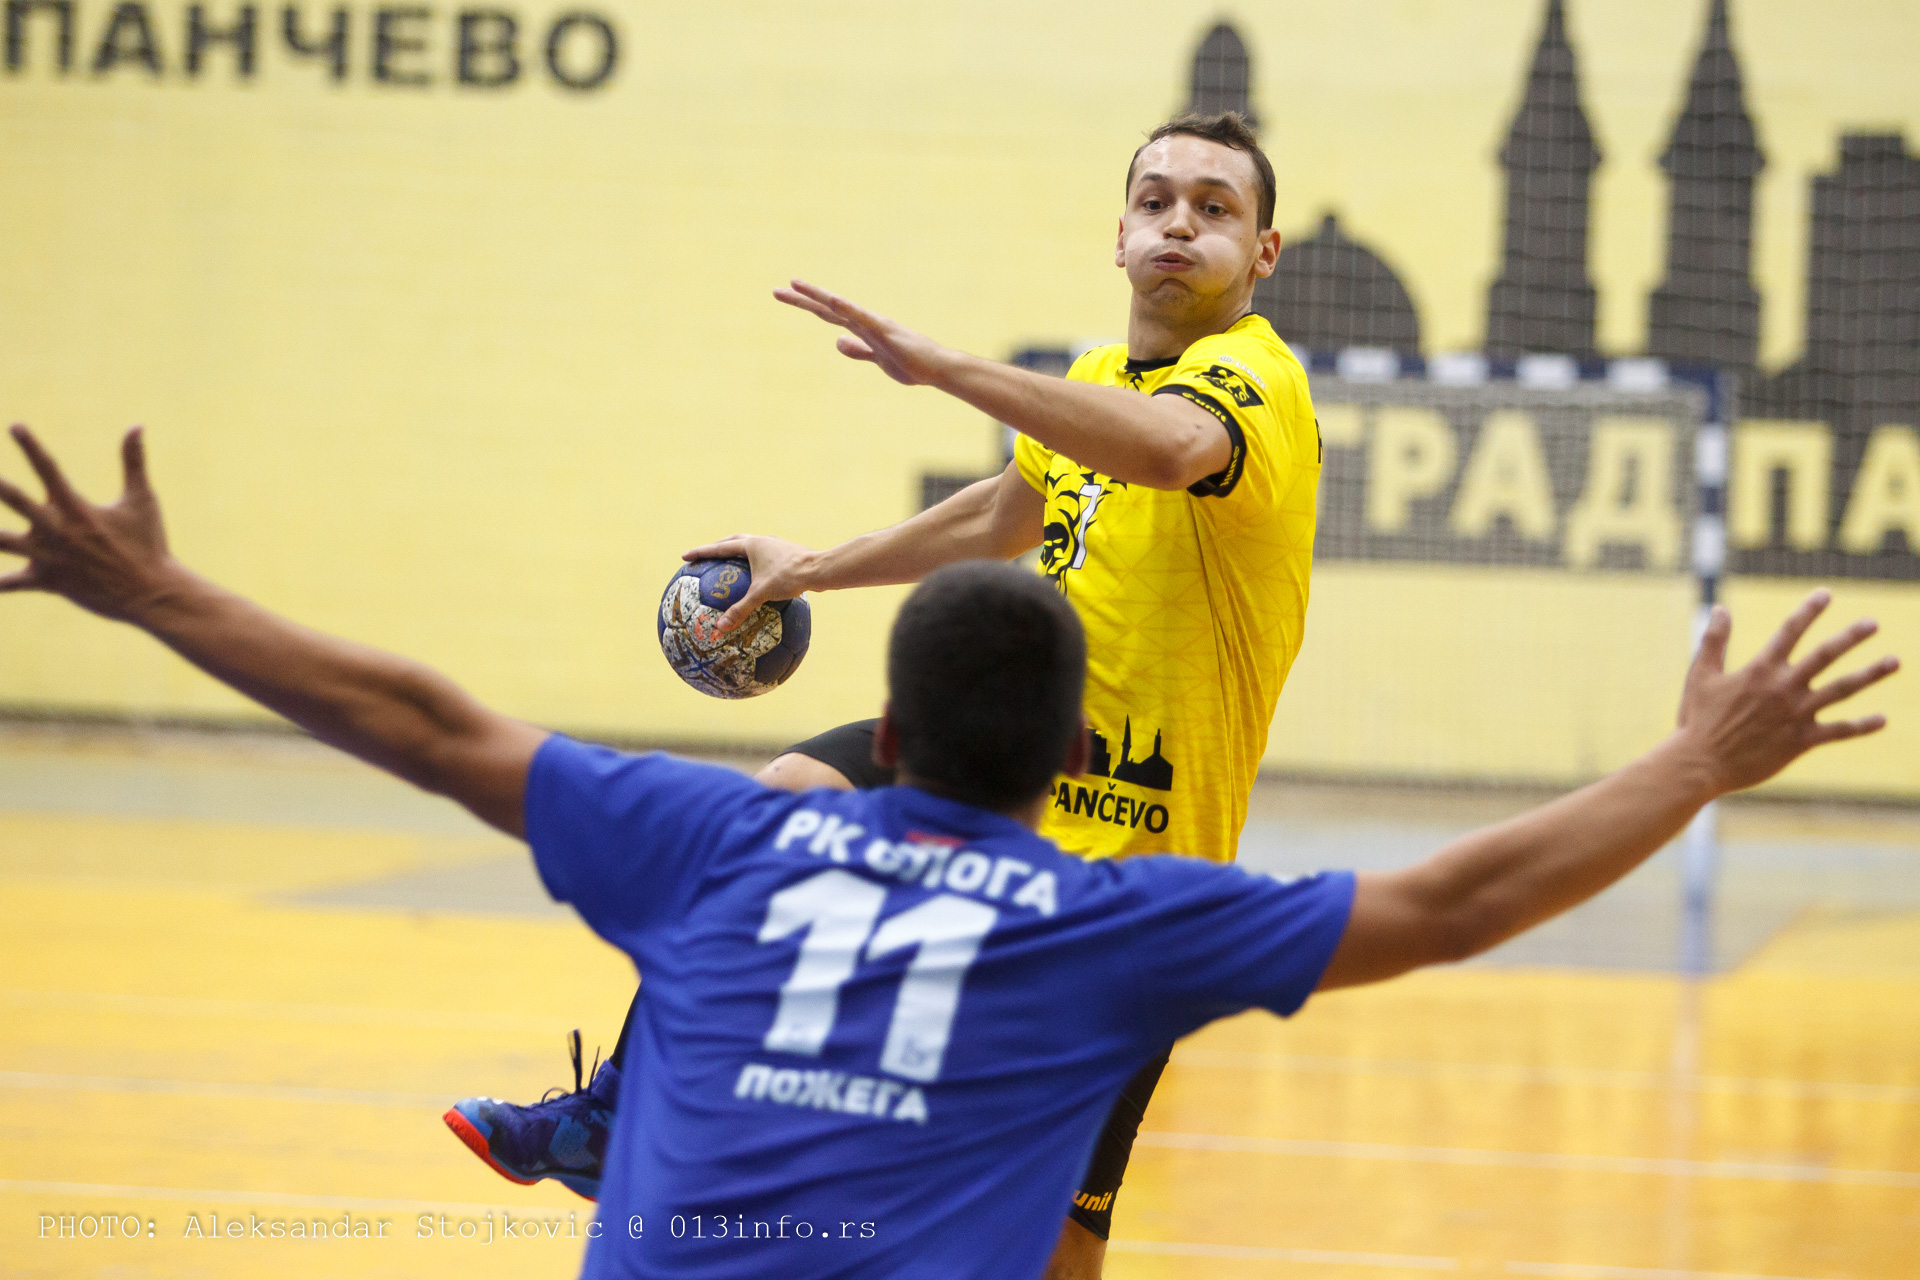 Rukomet Dinamo Sloga